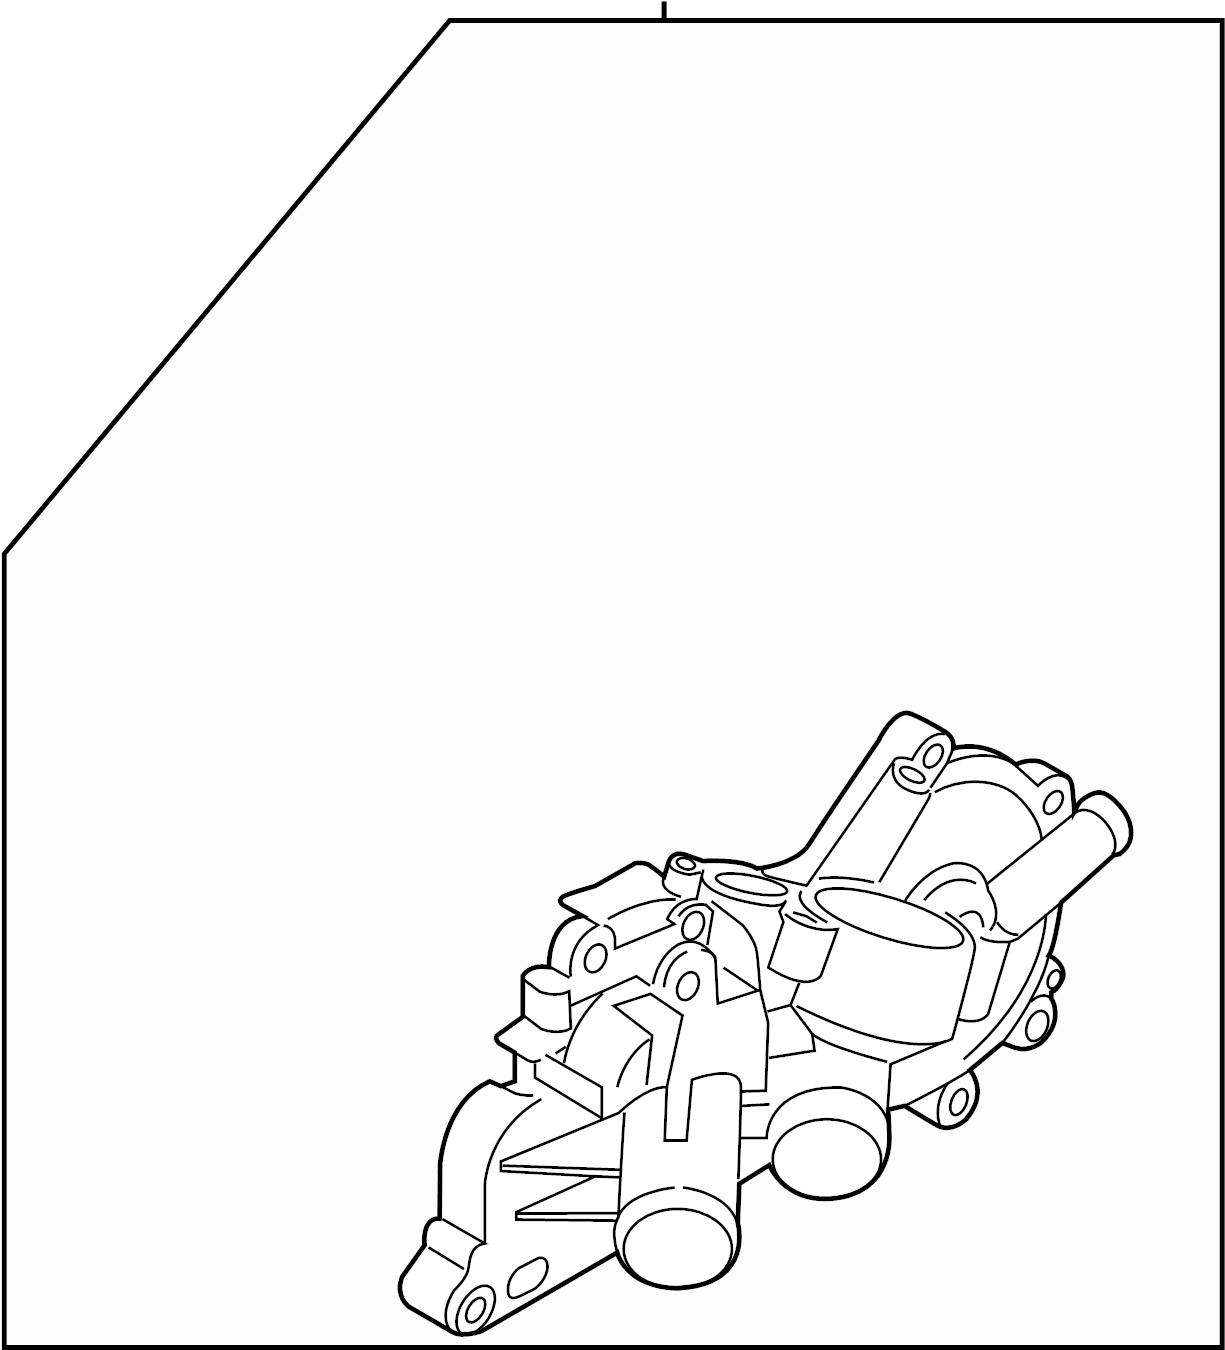 04e C